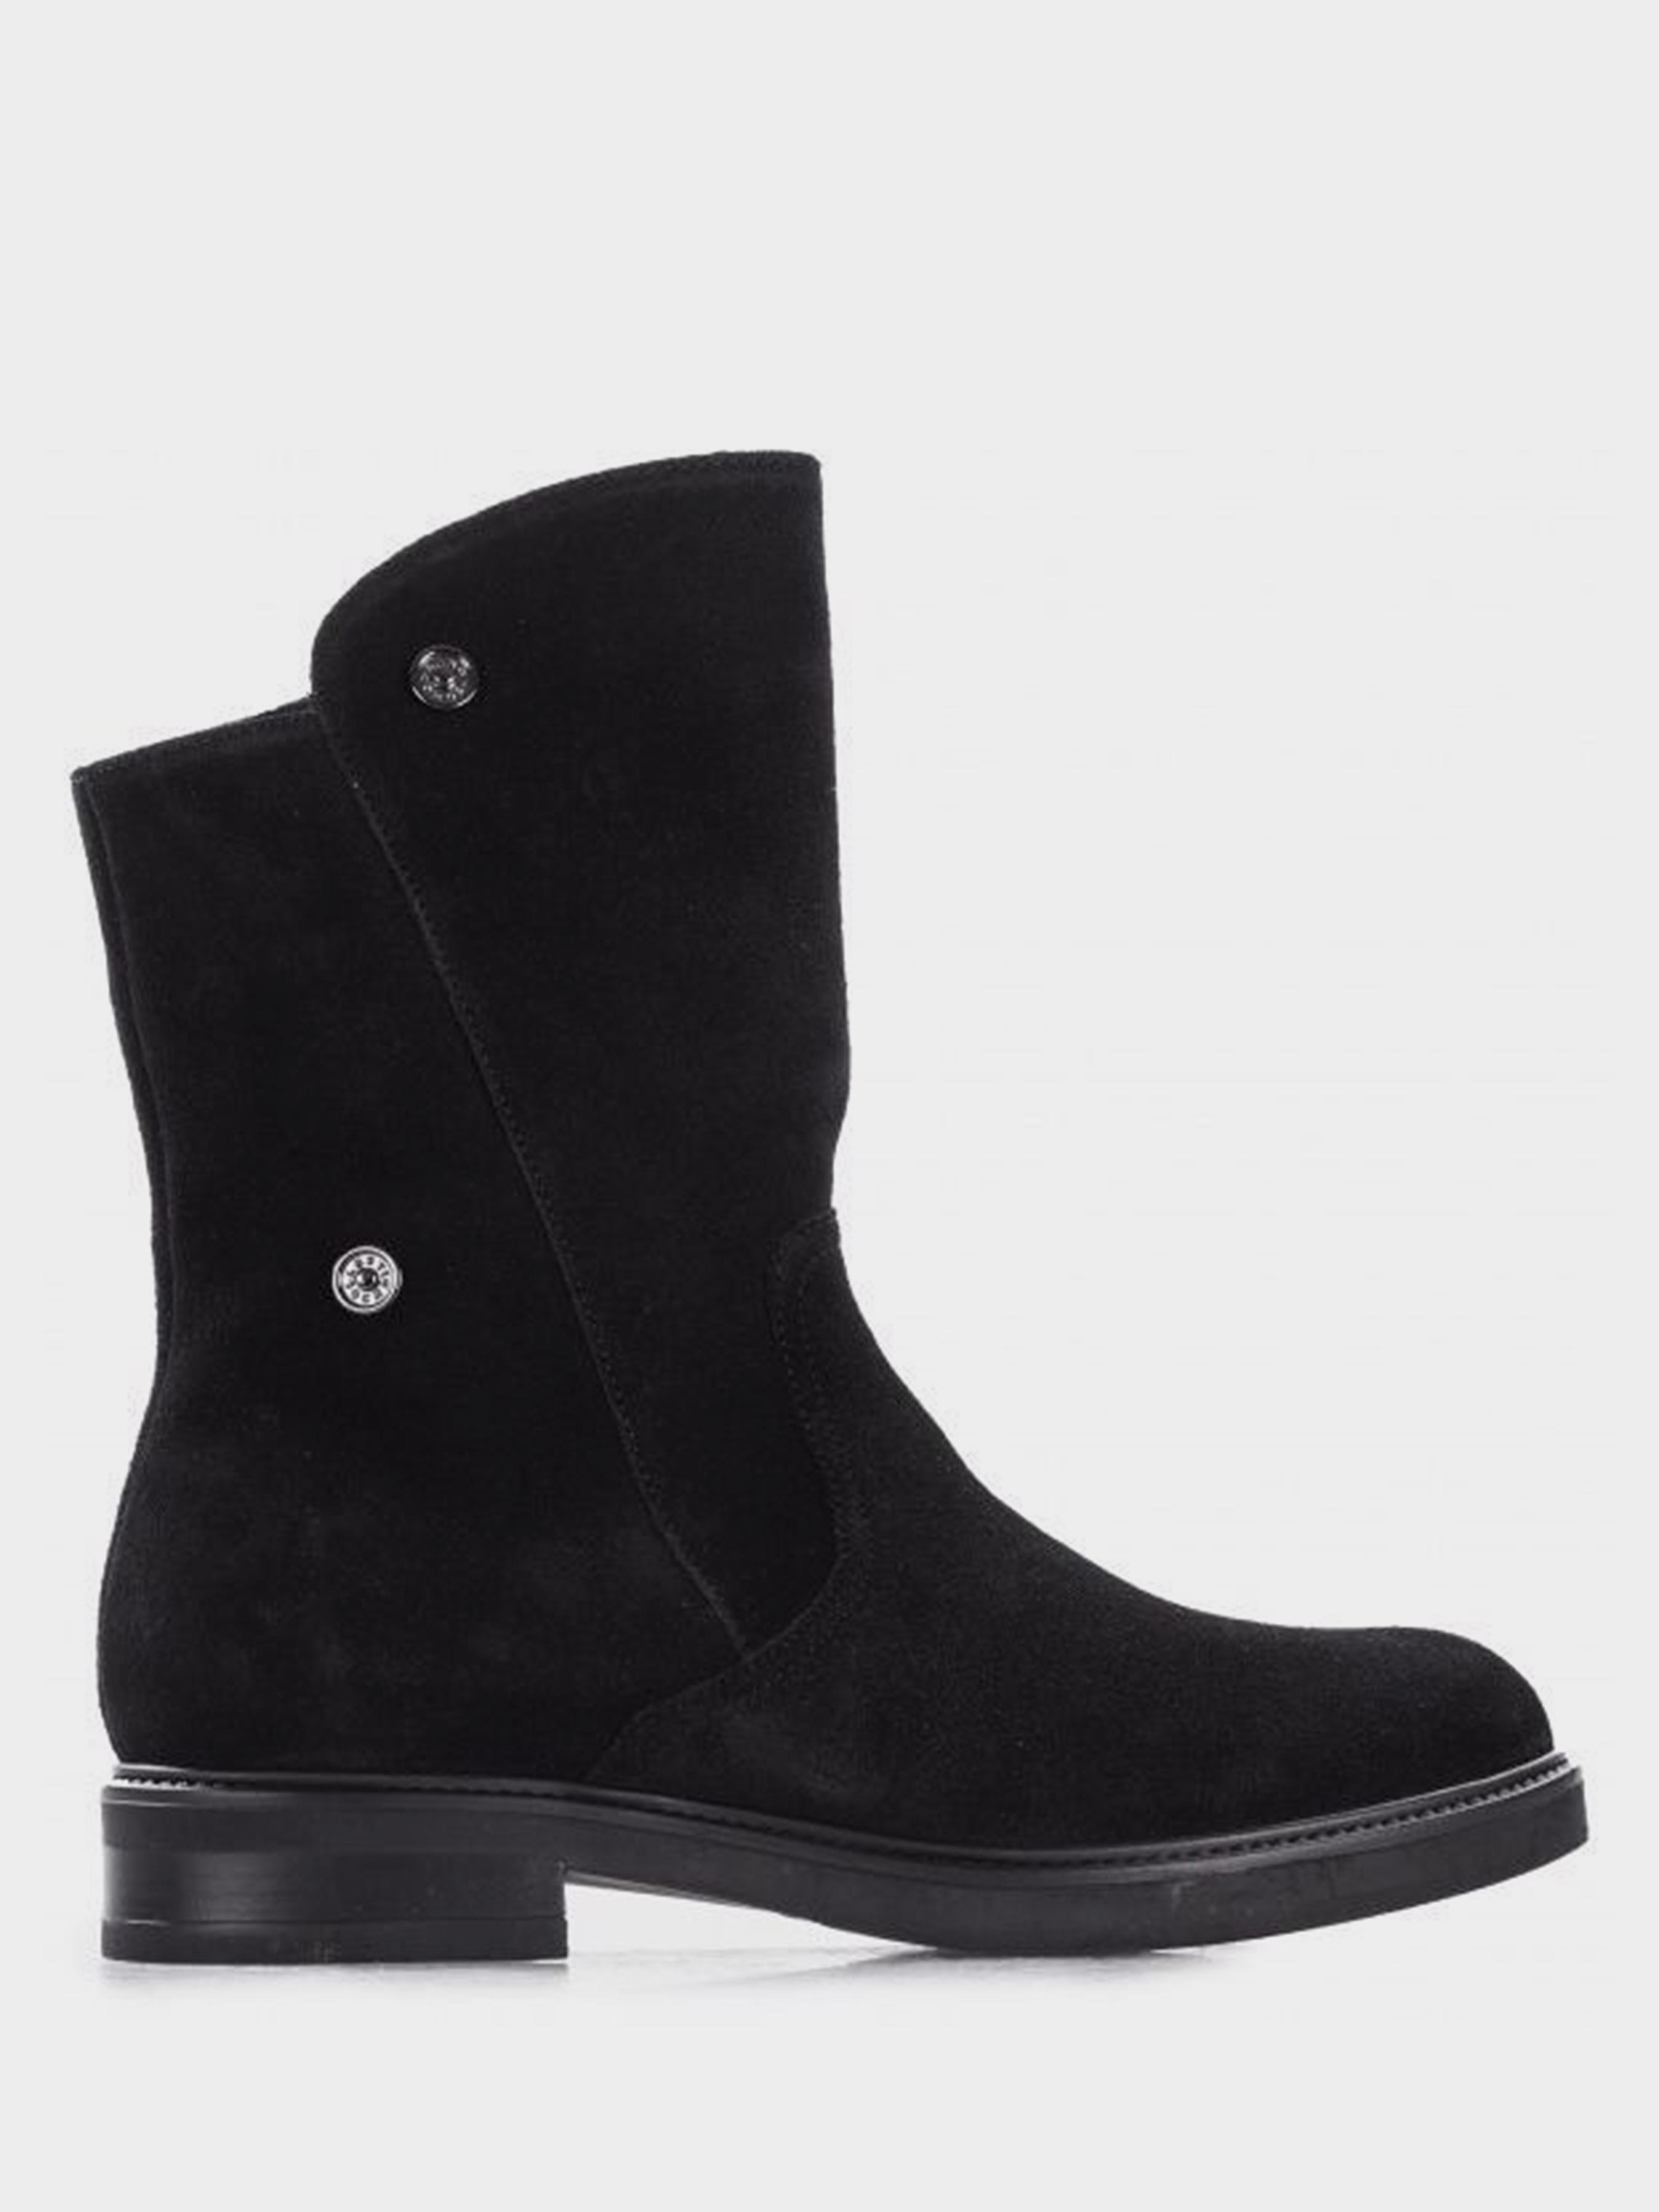 Купить Ботинки женские MADIRO 9P53, Черный